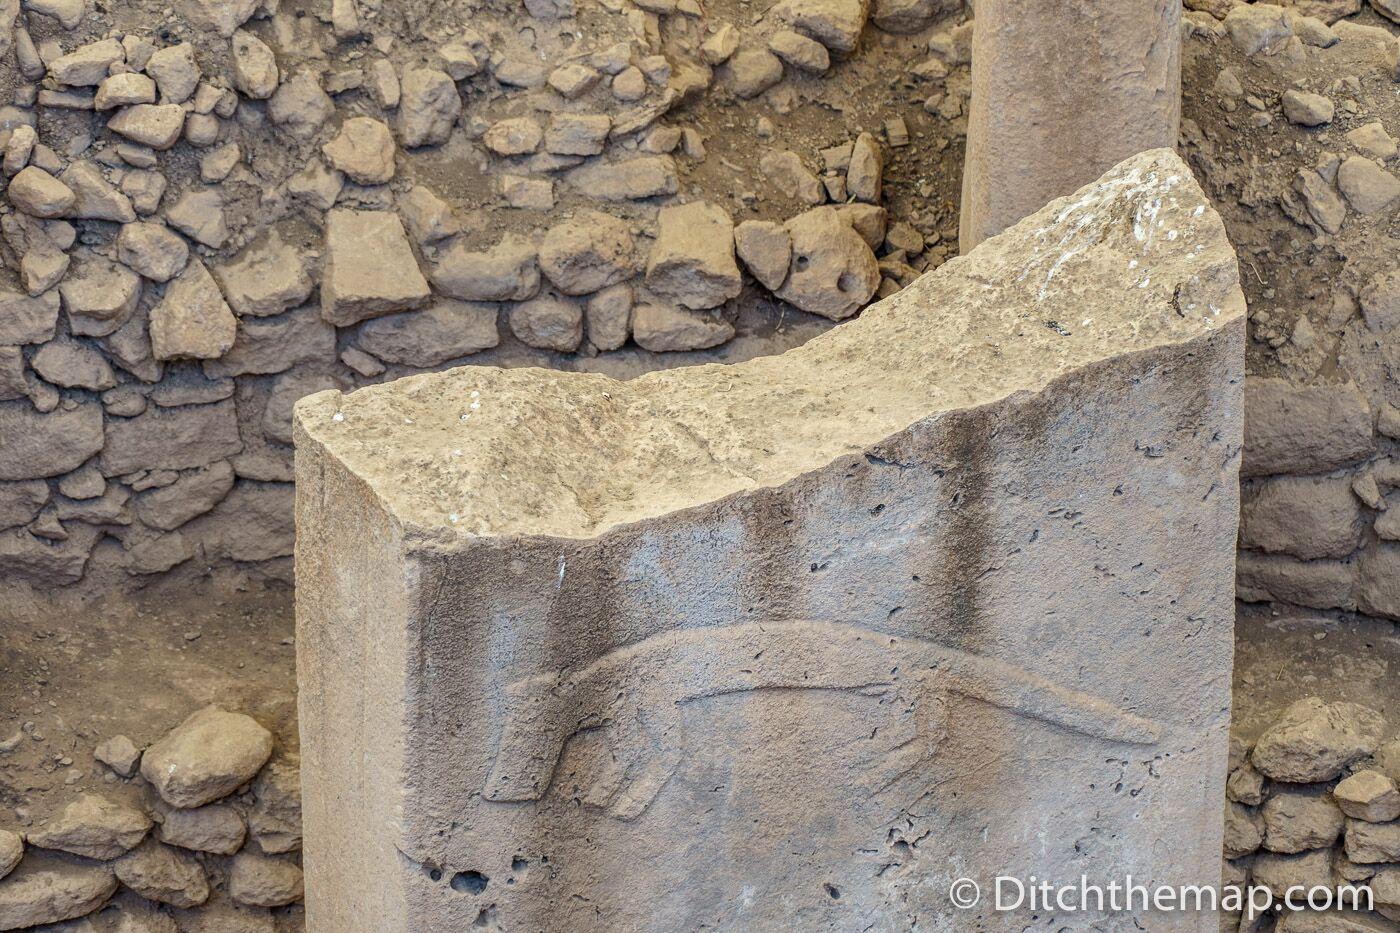 An animal engraving at Gobekli Tepe